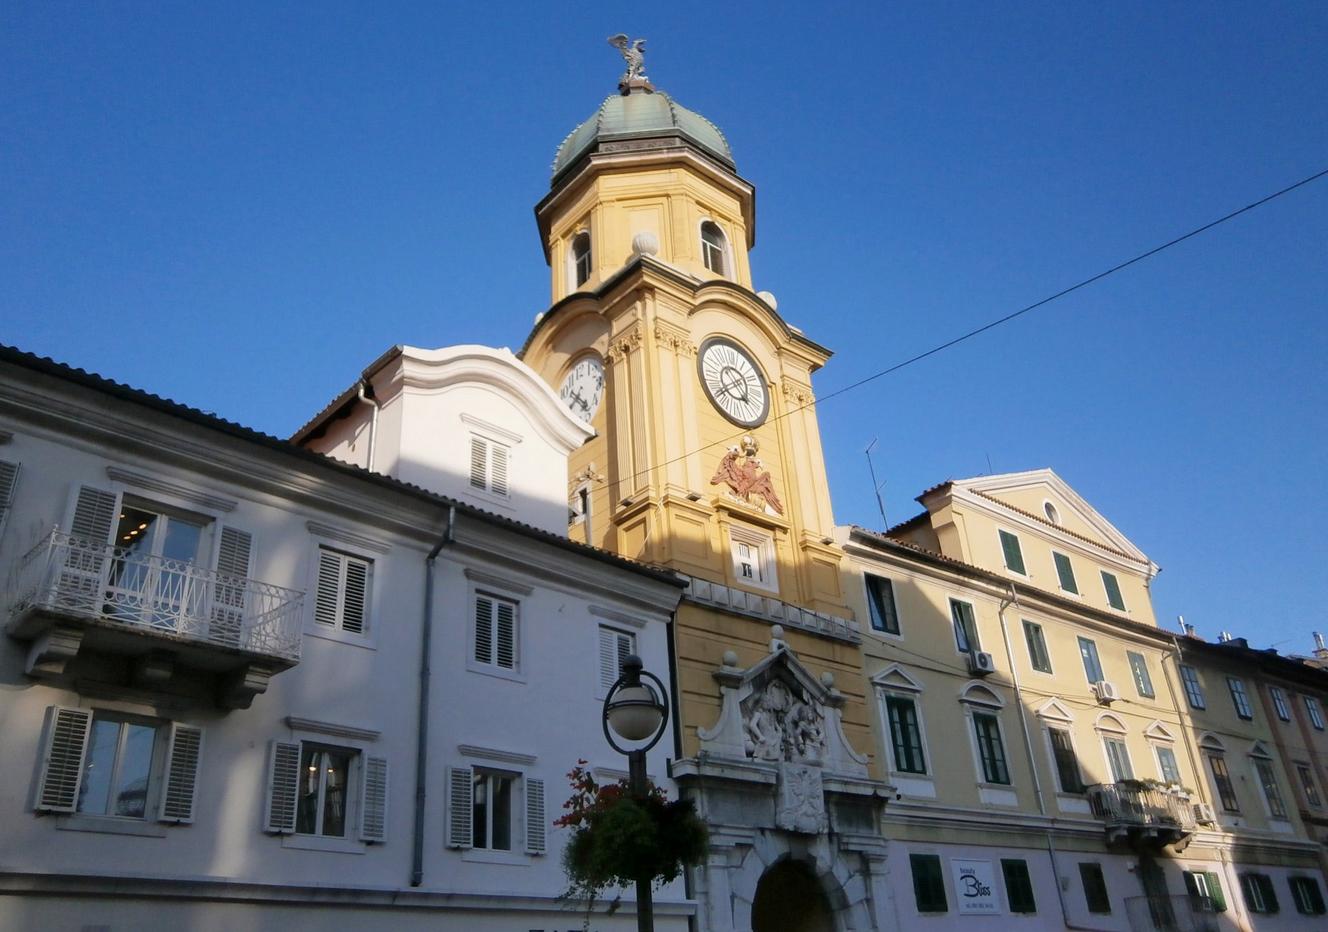 Городская башня на улице Корзо